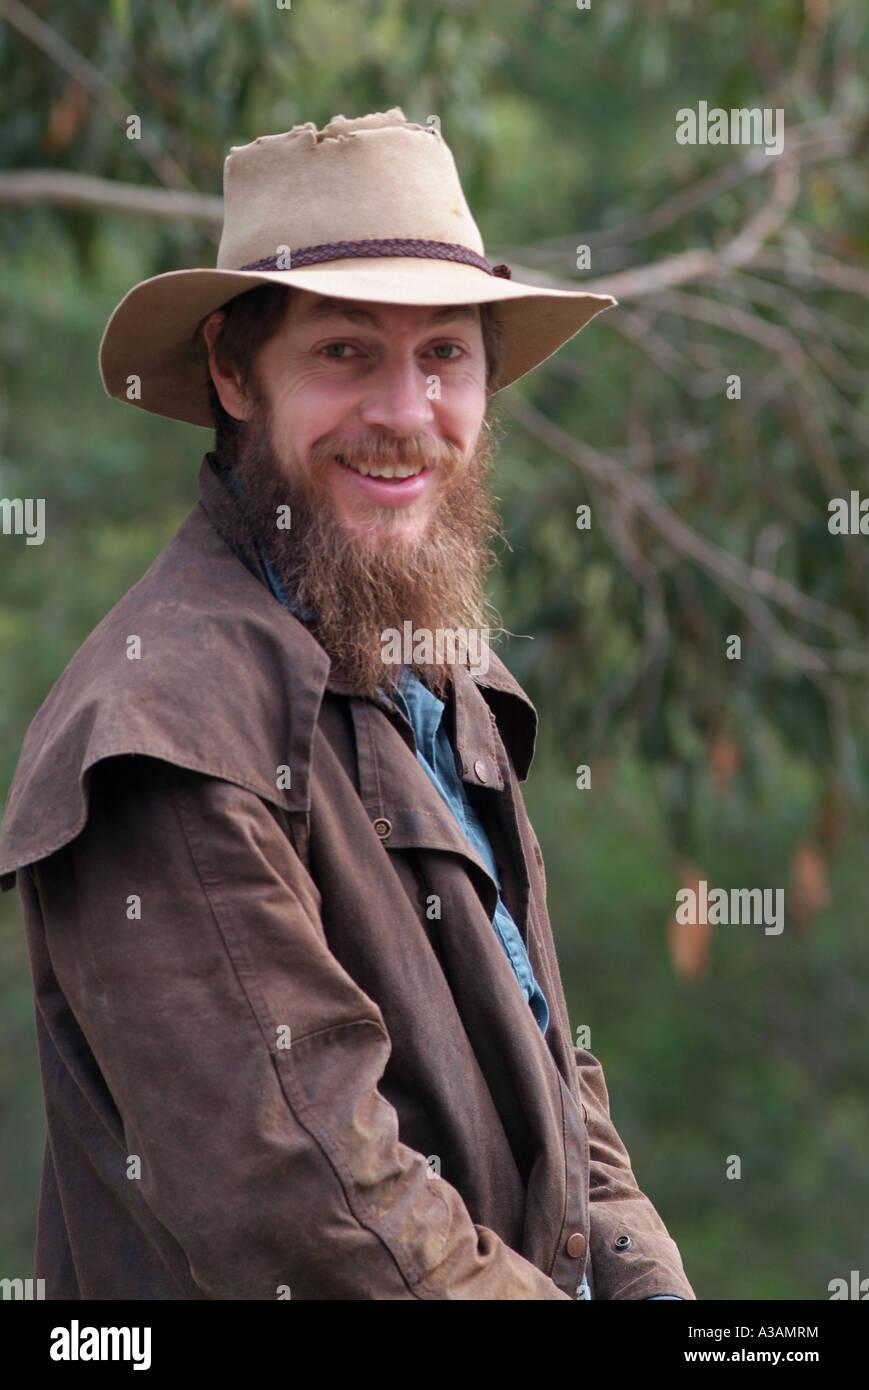 Australian cattleman montagne contadino con Episteme hat e osso Driza rivestire Immagini Stock